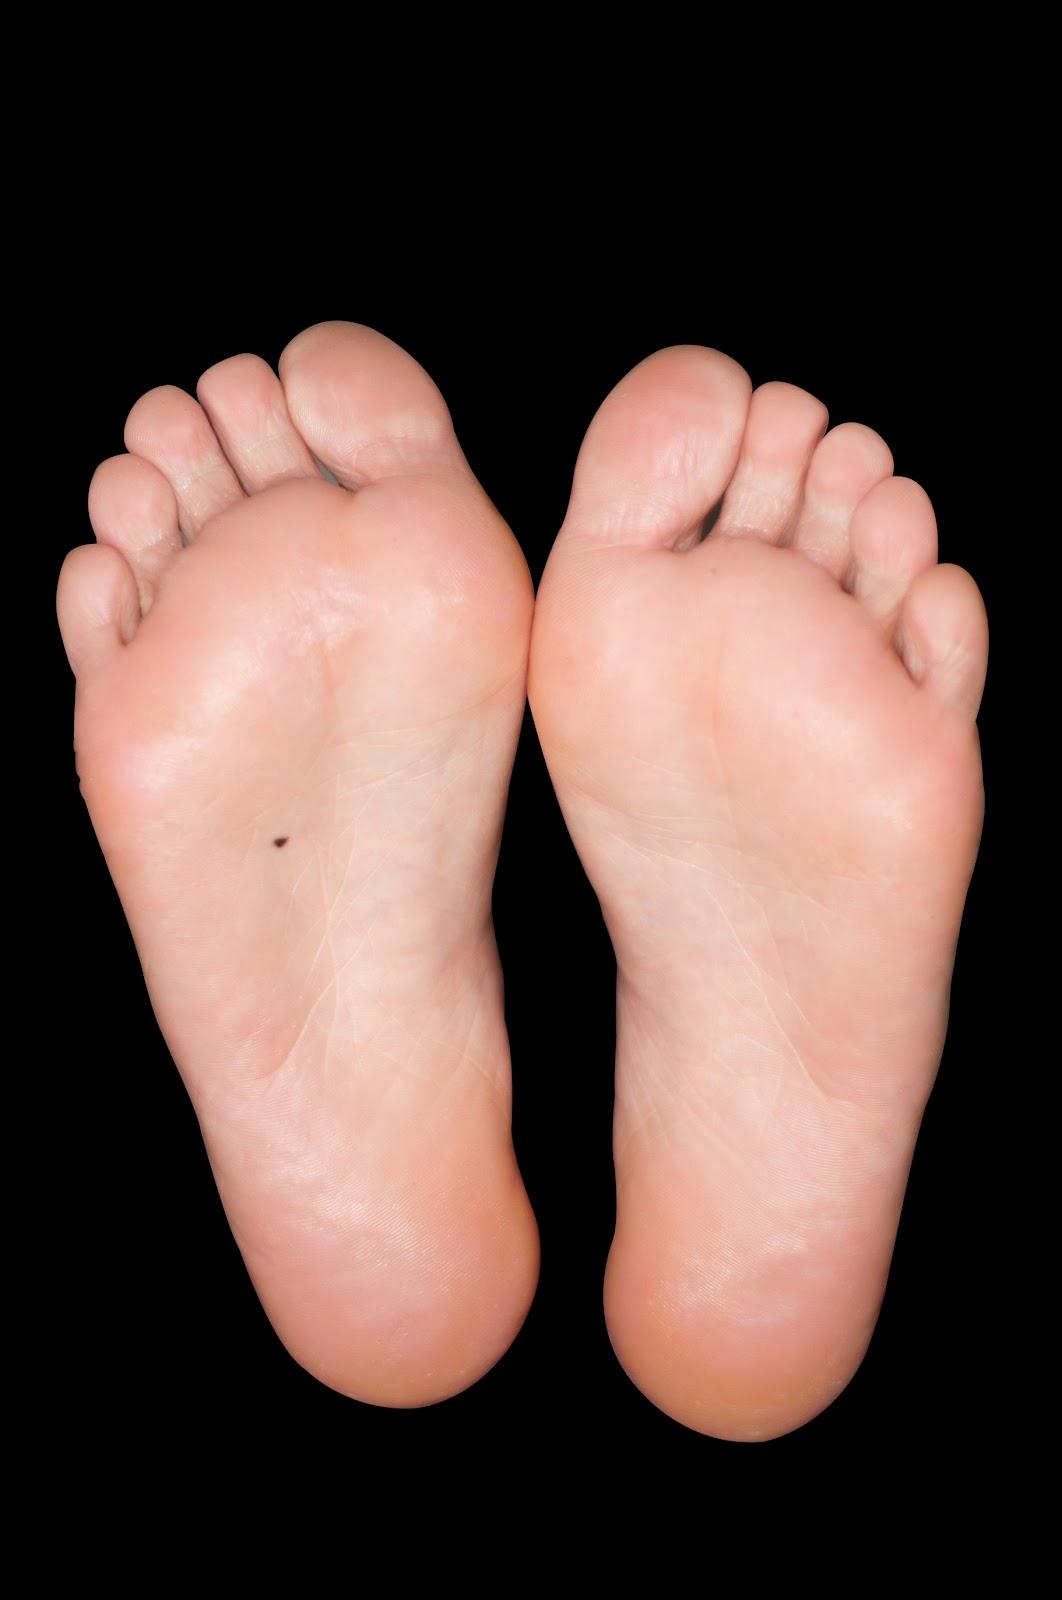 #9) Mole on feet